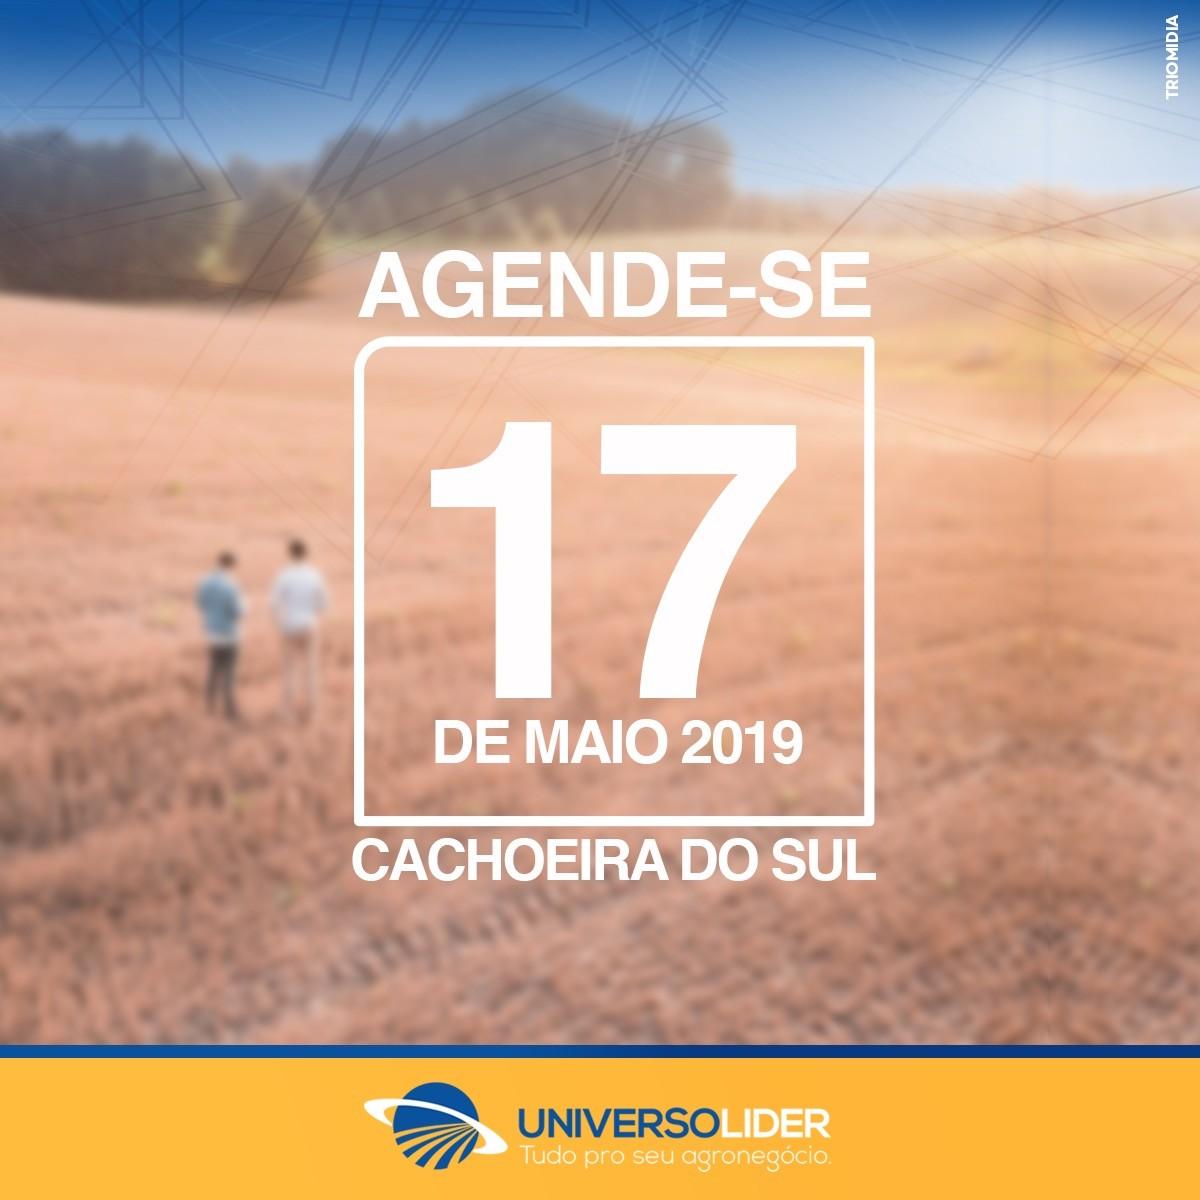 Universo Líder 2019 - Cachoeira do Sul